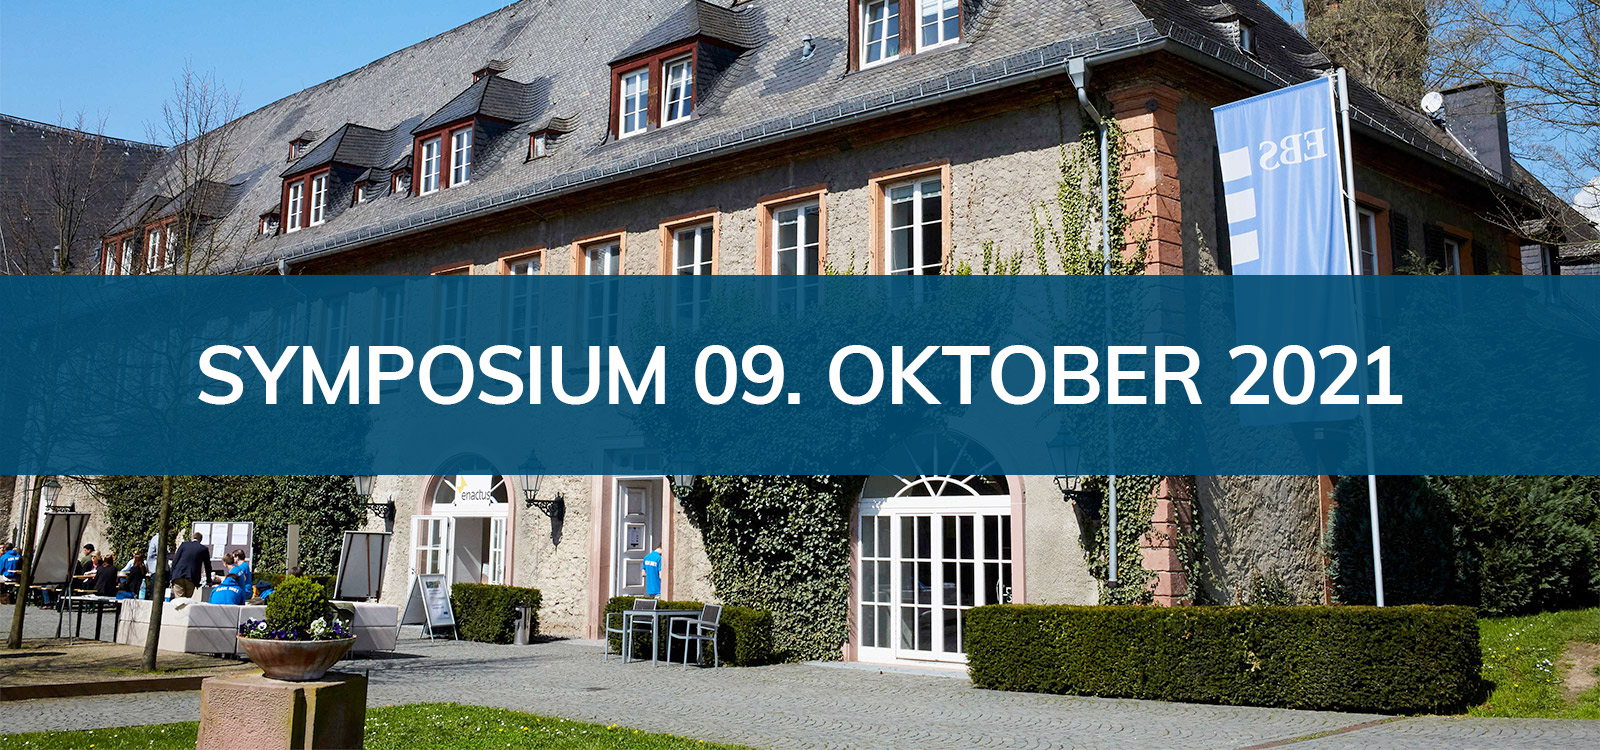 Symposium und Mitgliederversammlung am Samstag, 09. Oktober 2021